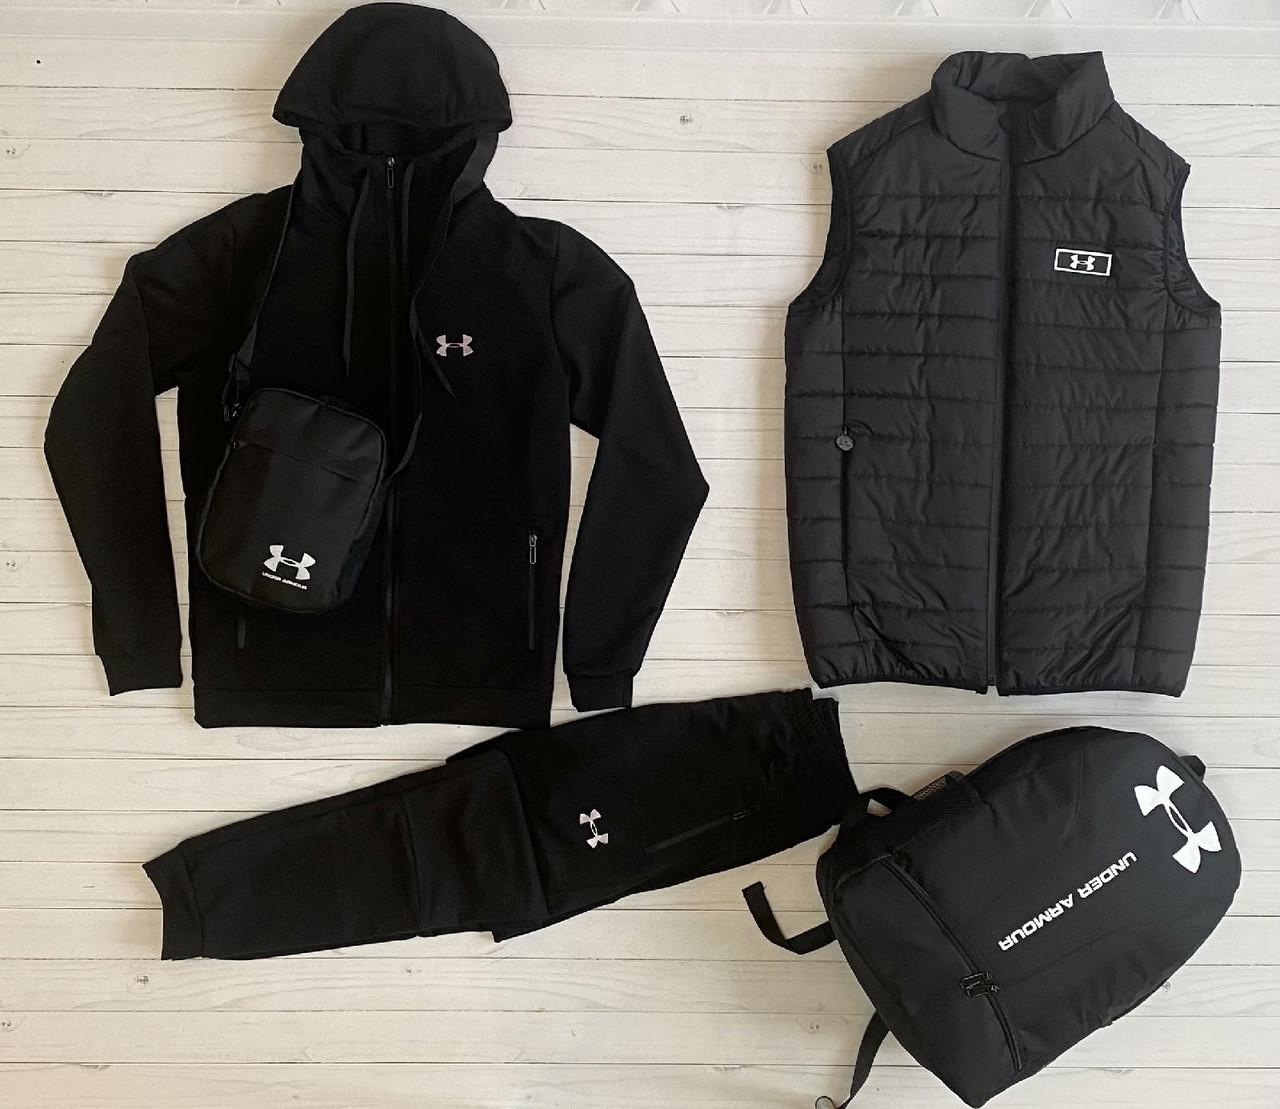 Under Armour Чоловічий чорний спортивний костюм з капюшоном весна осінь. Костюм+жилетка+месенджер+рюкзак